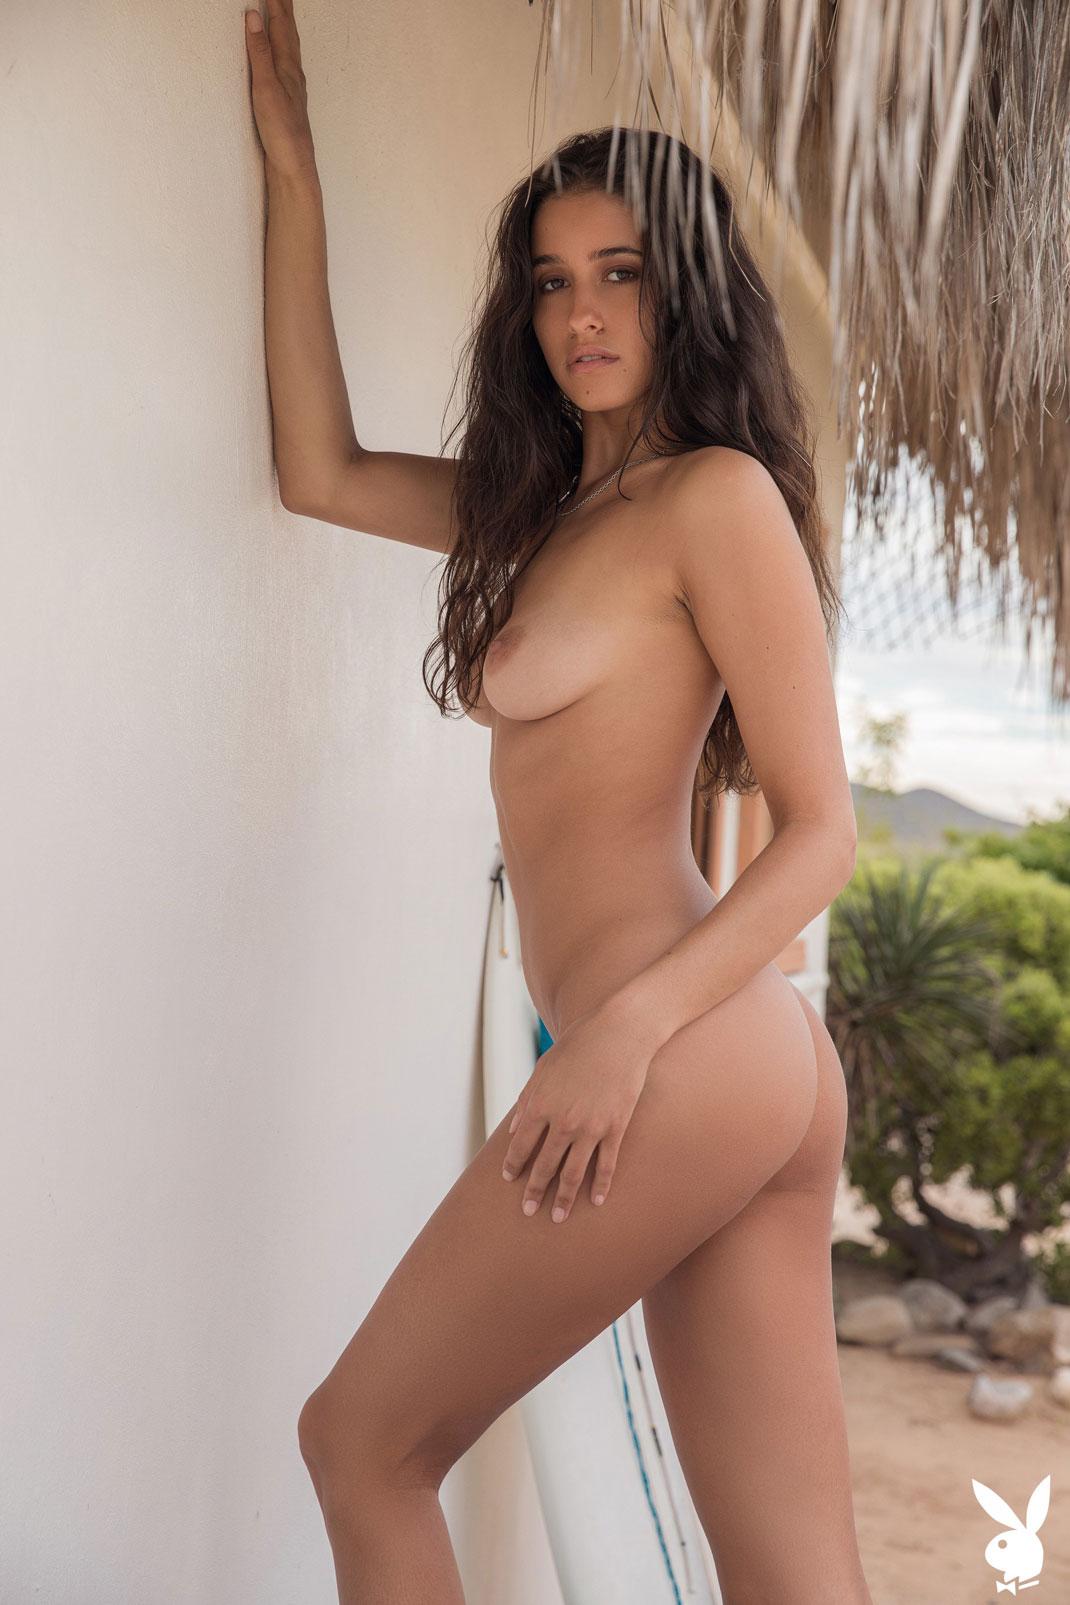 Blake nackt Megan  Megan Blake